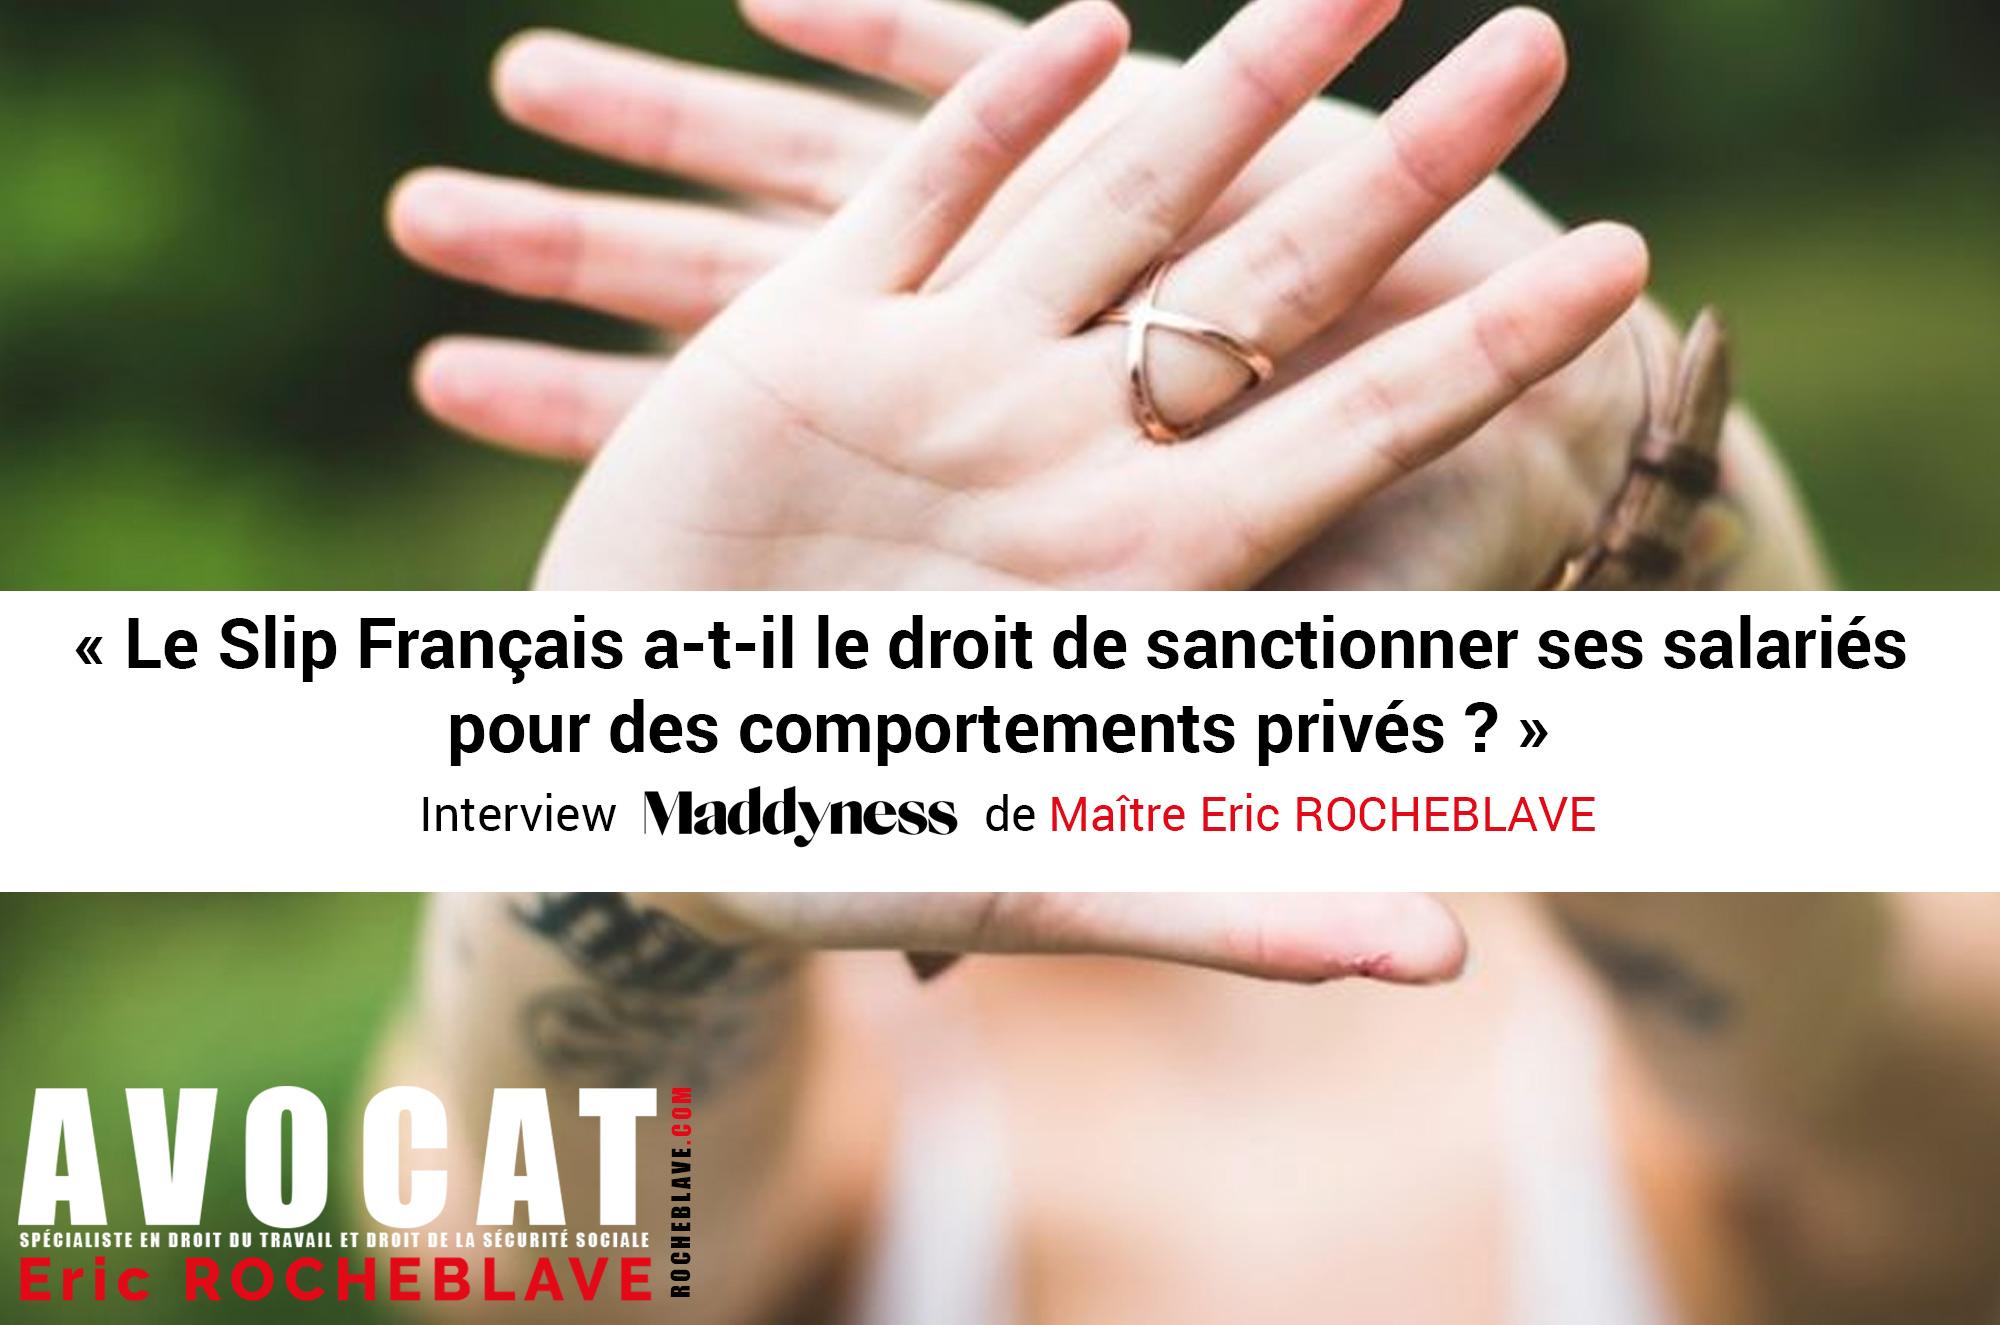 « Le Slip Français a-t-il le droit de sanctionner ses salariés  pour des comportements privés ? » Interview Maddyness de Maître Eric ROCHEBLAVE